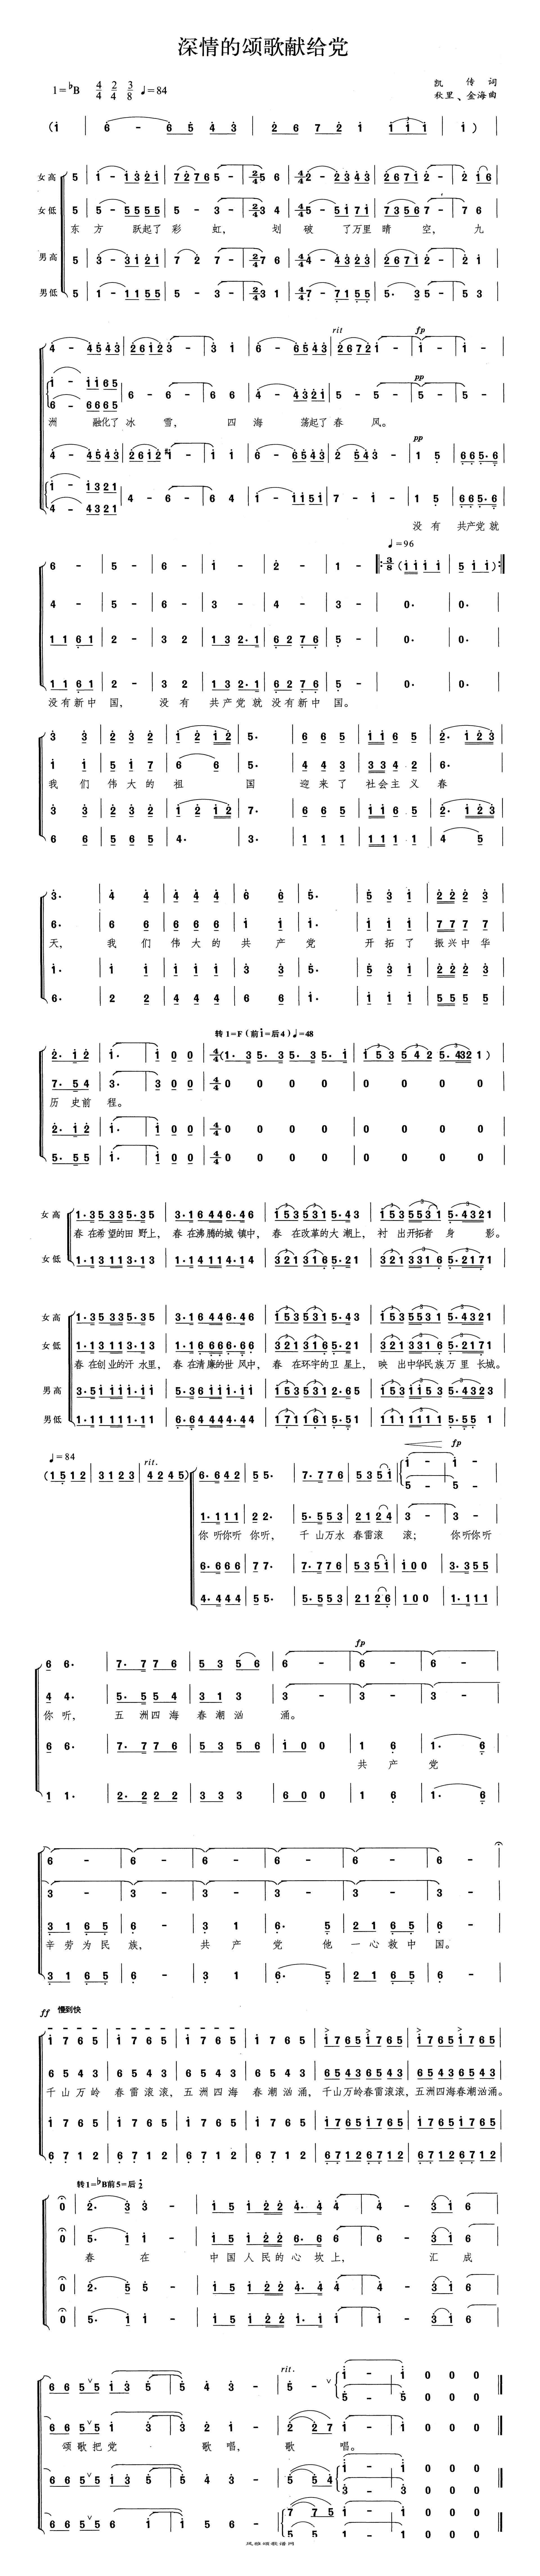 深情的颂歌献给党(中国)高清打印歌谱简谱